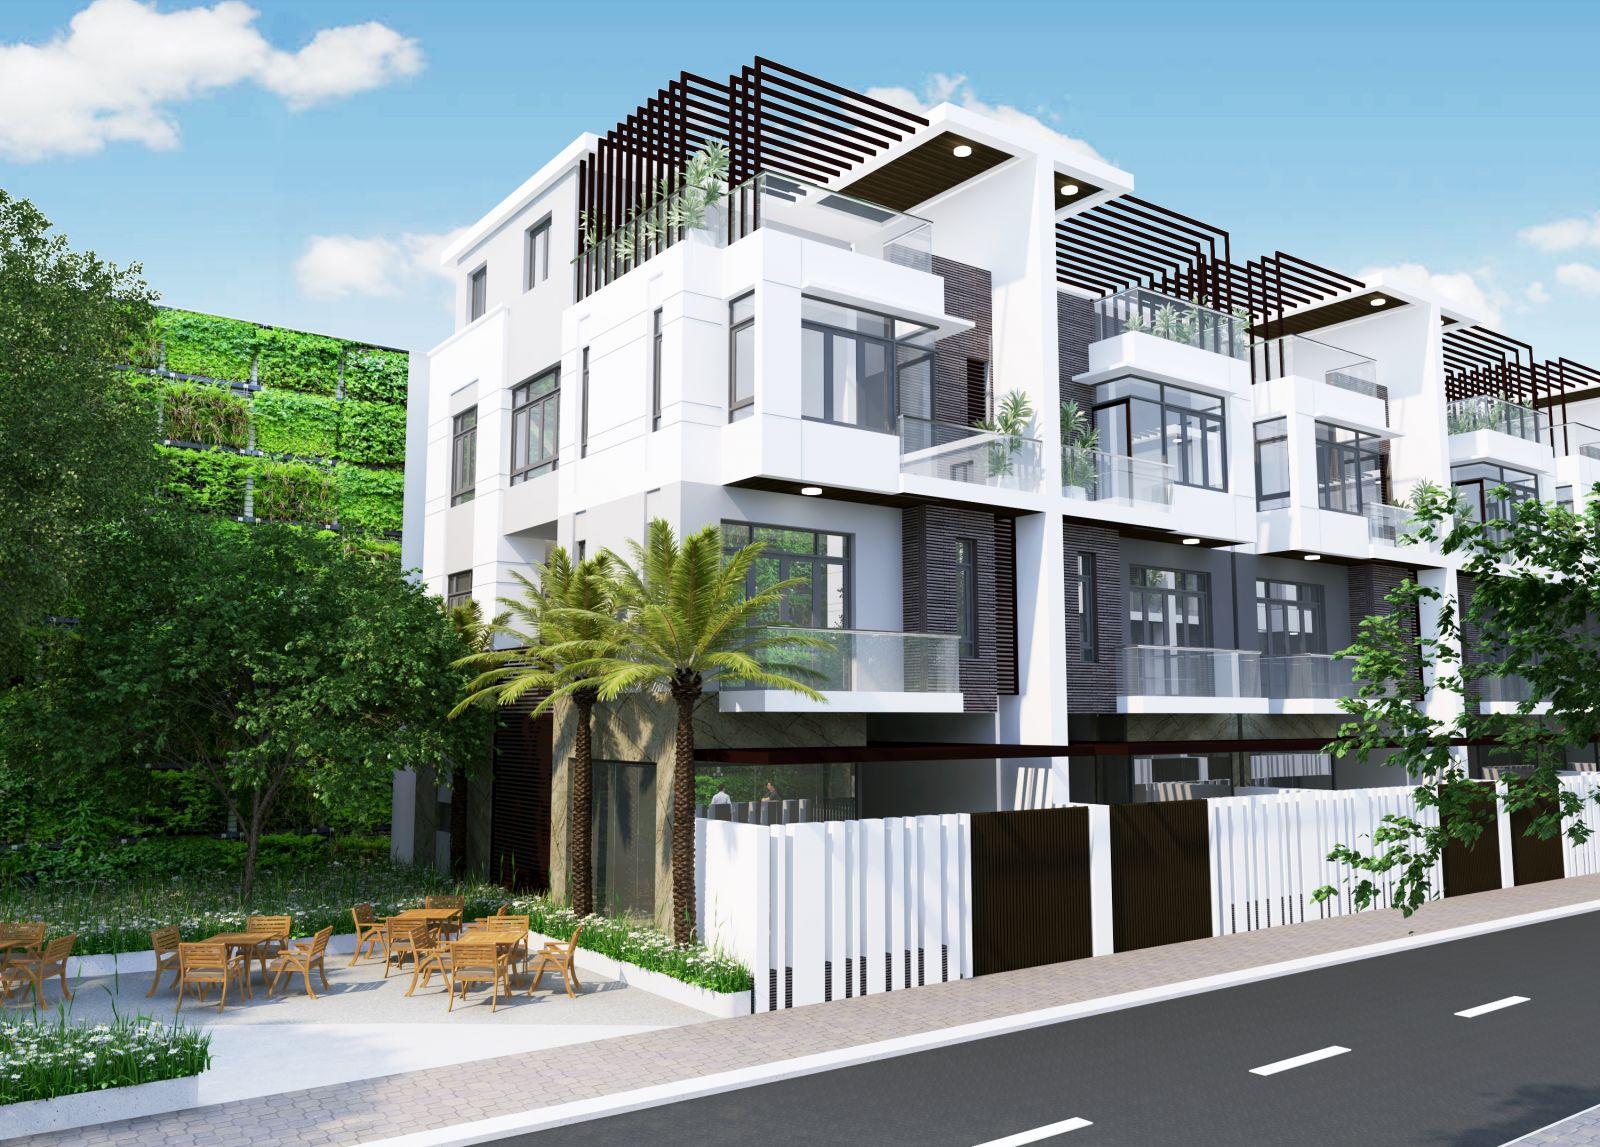 Phối cảnh mặt đứng dự án nhà ở Thiên Nam Residence Quận 12